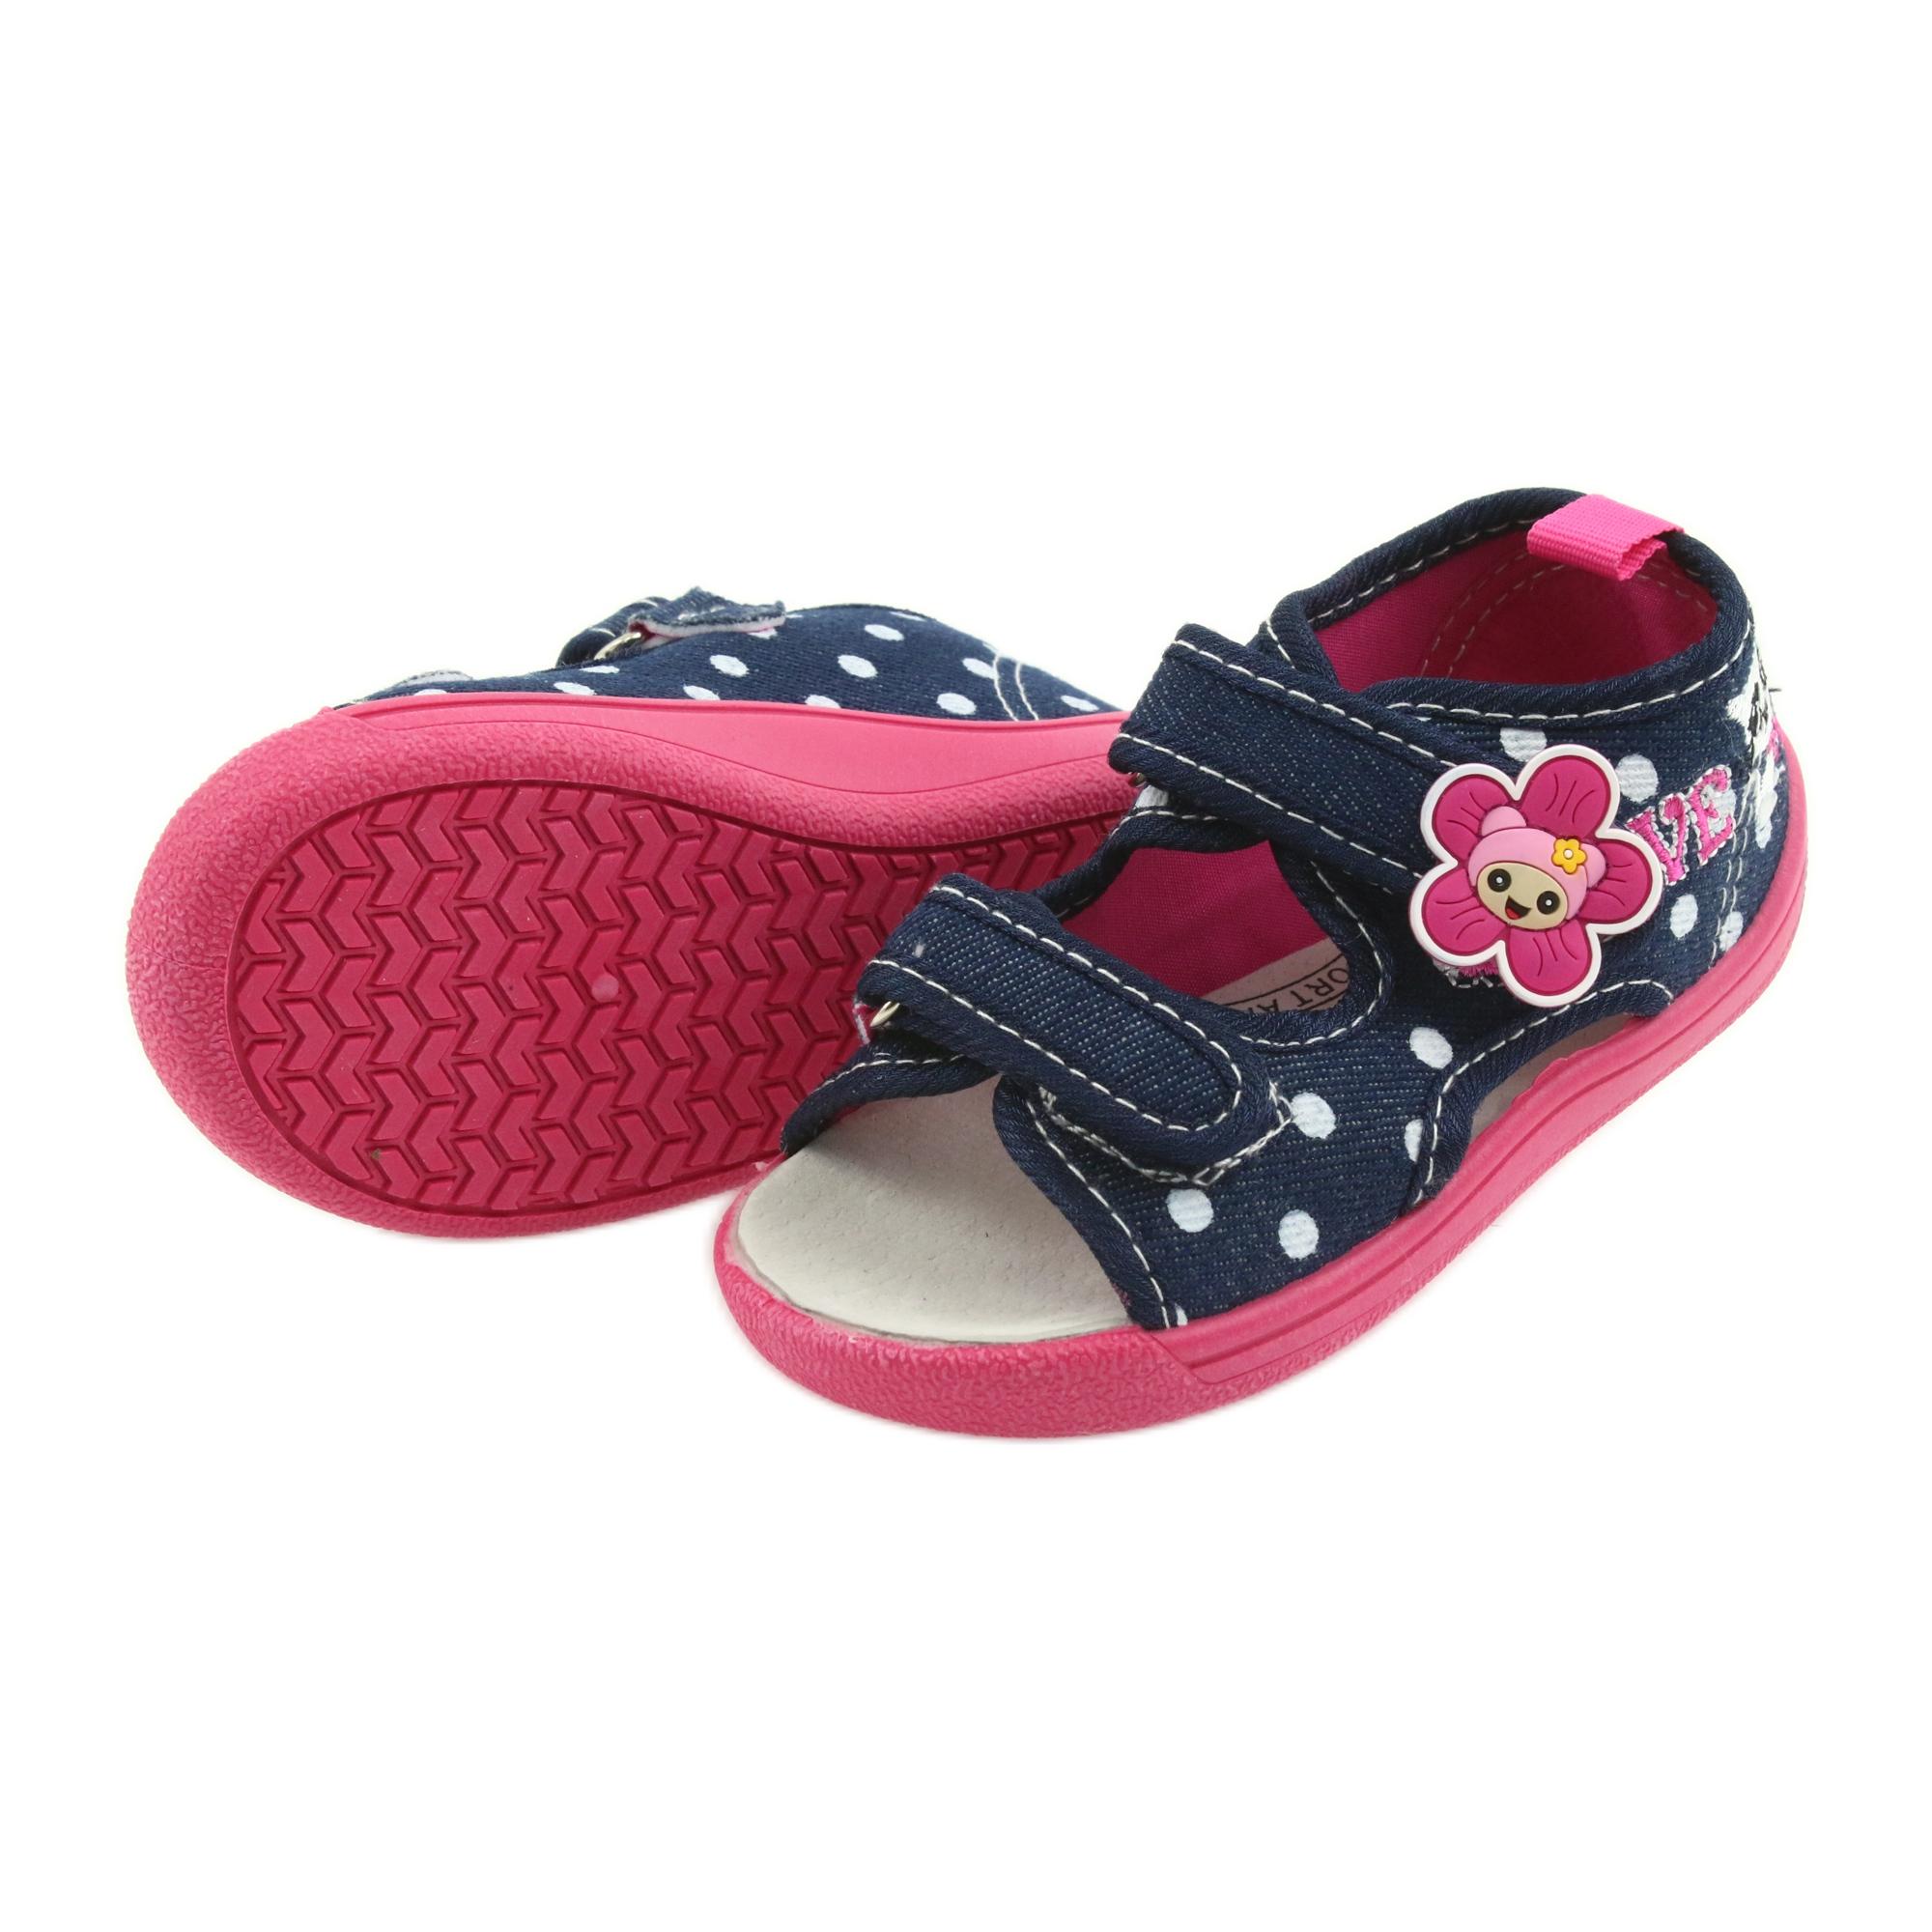 5f19103e American Club Børns sko slippers sandaler Amerikansk læderindsats billede 4